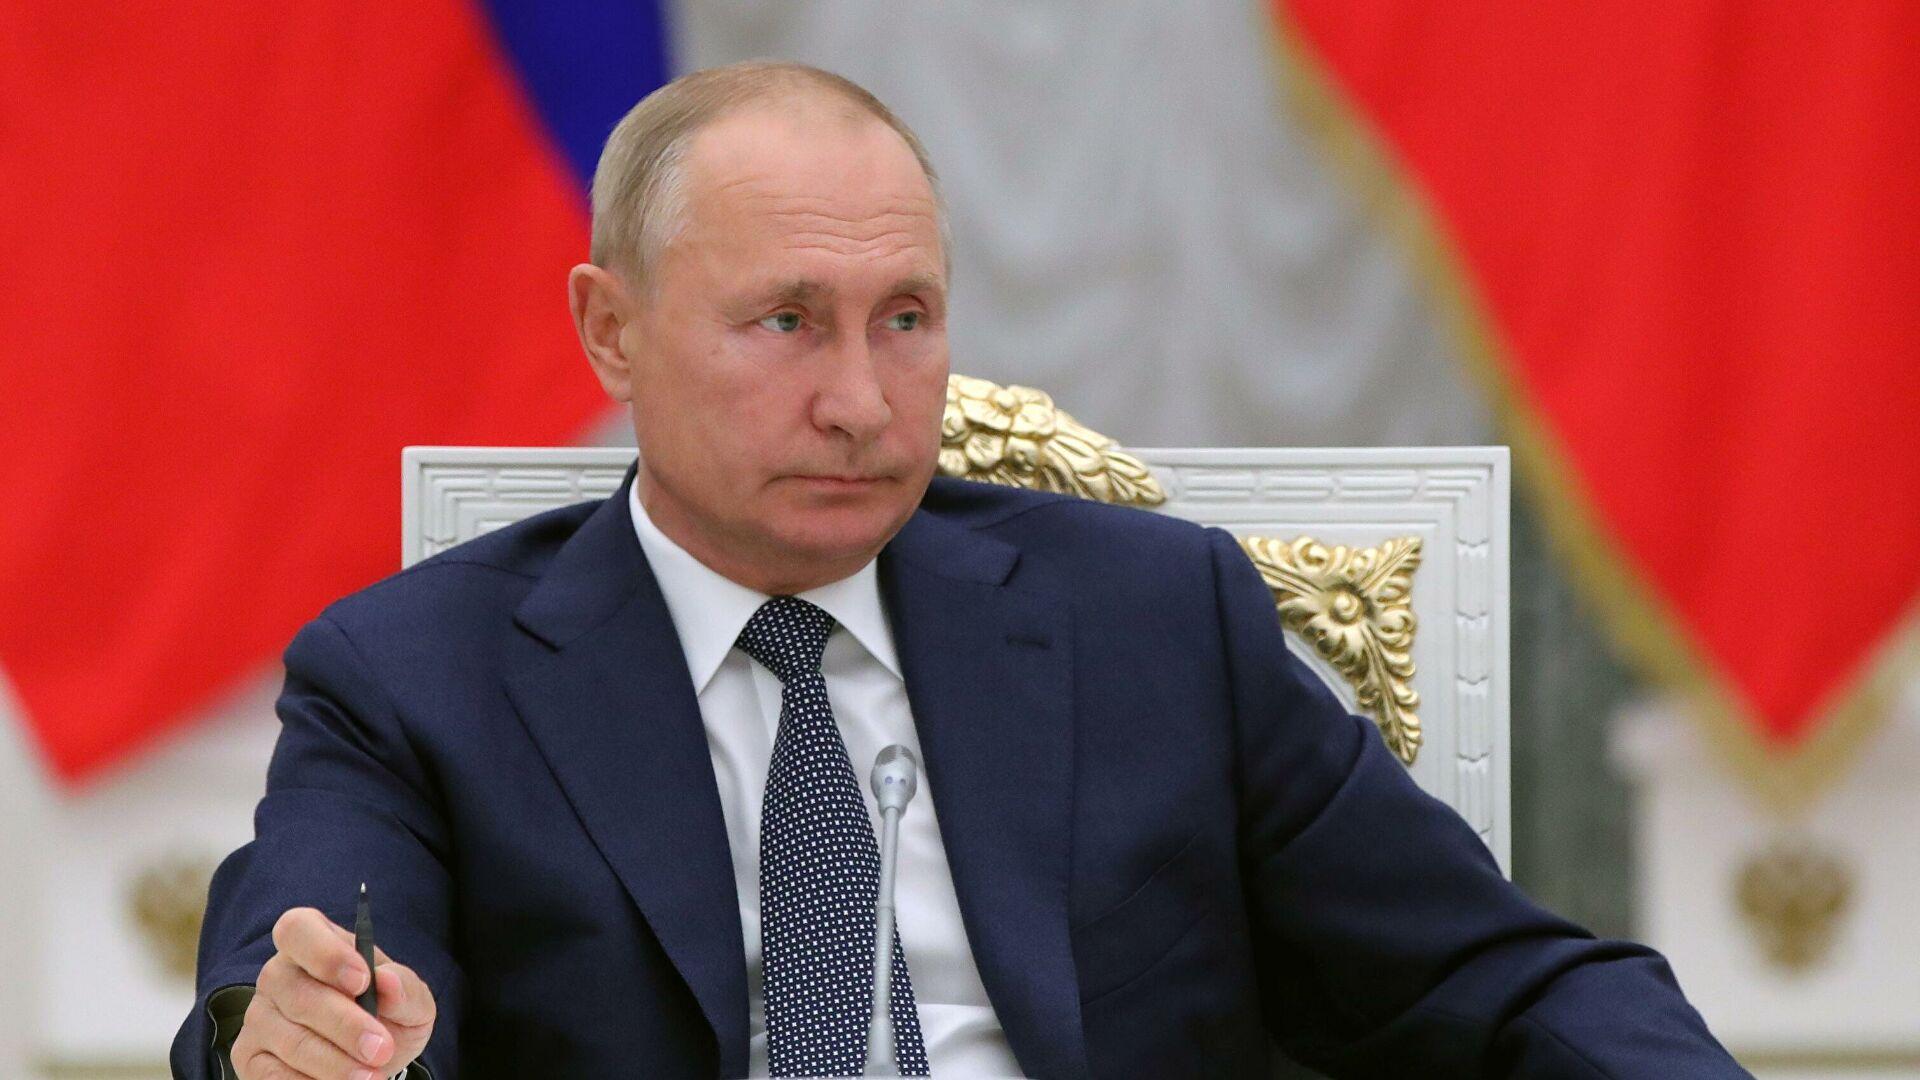 Путин: Питања интеграције Русије и Белорусије биће прихваћена само на реципрочној основи